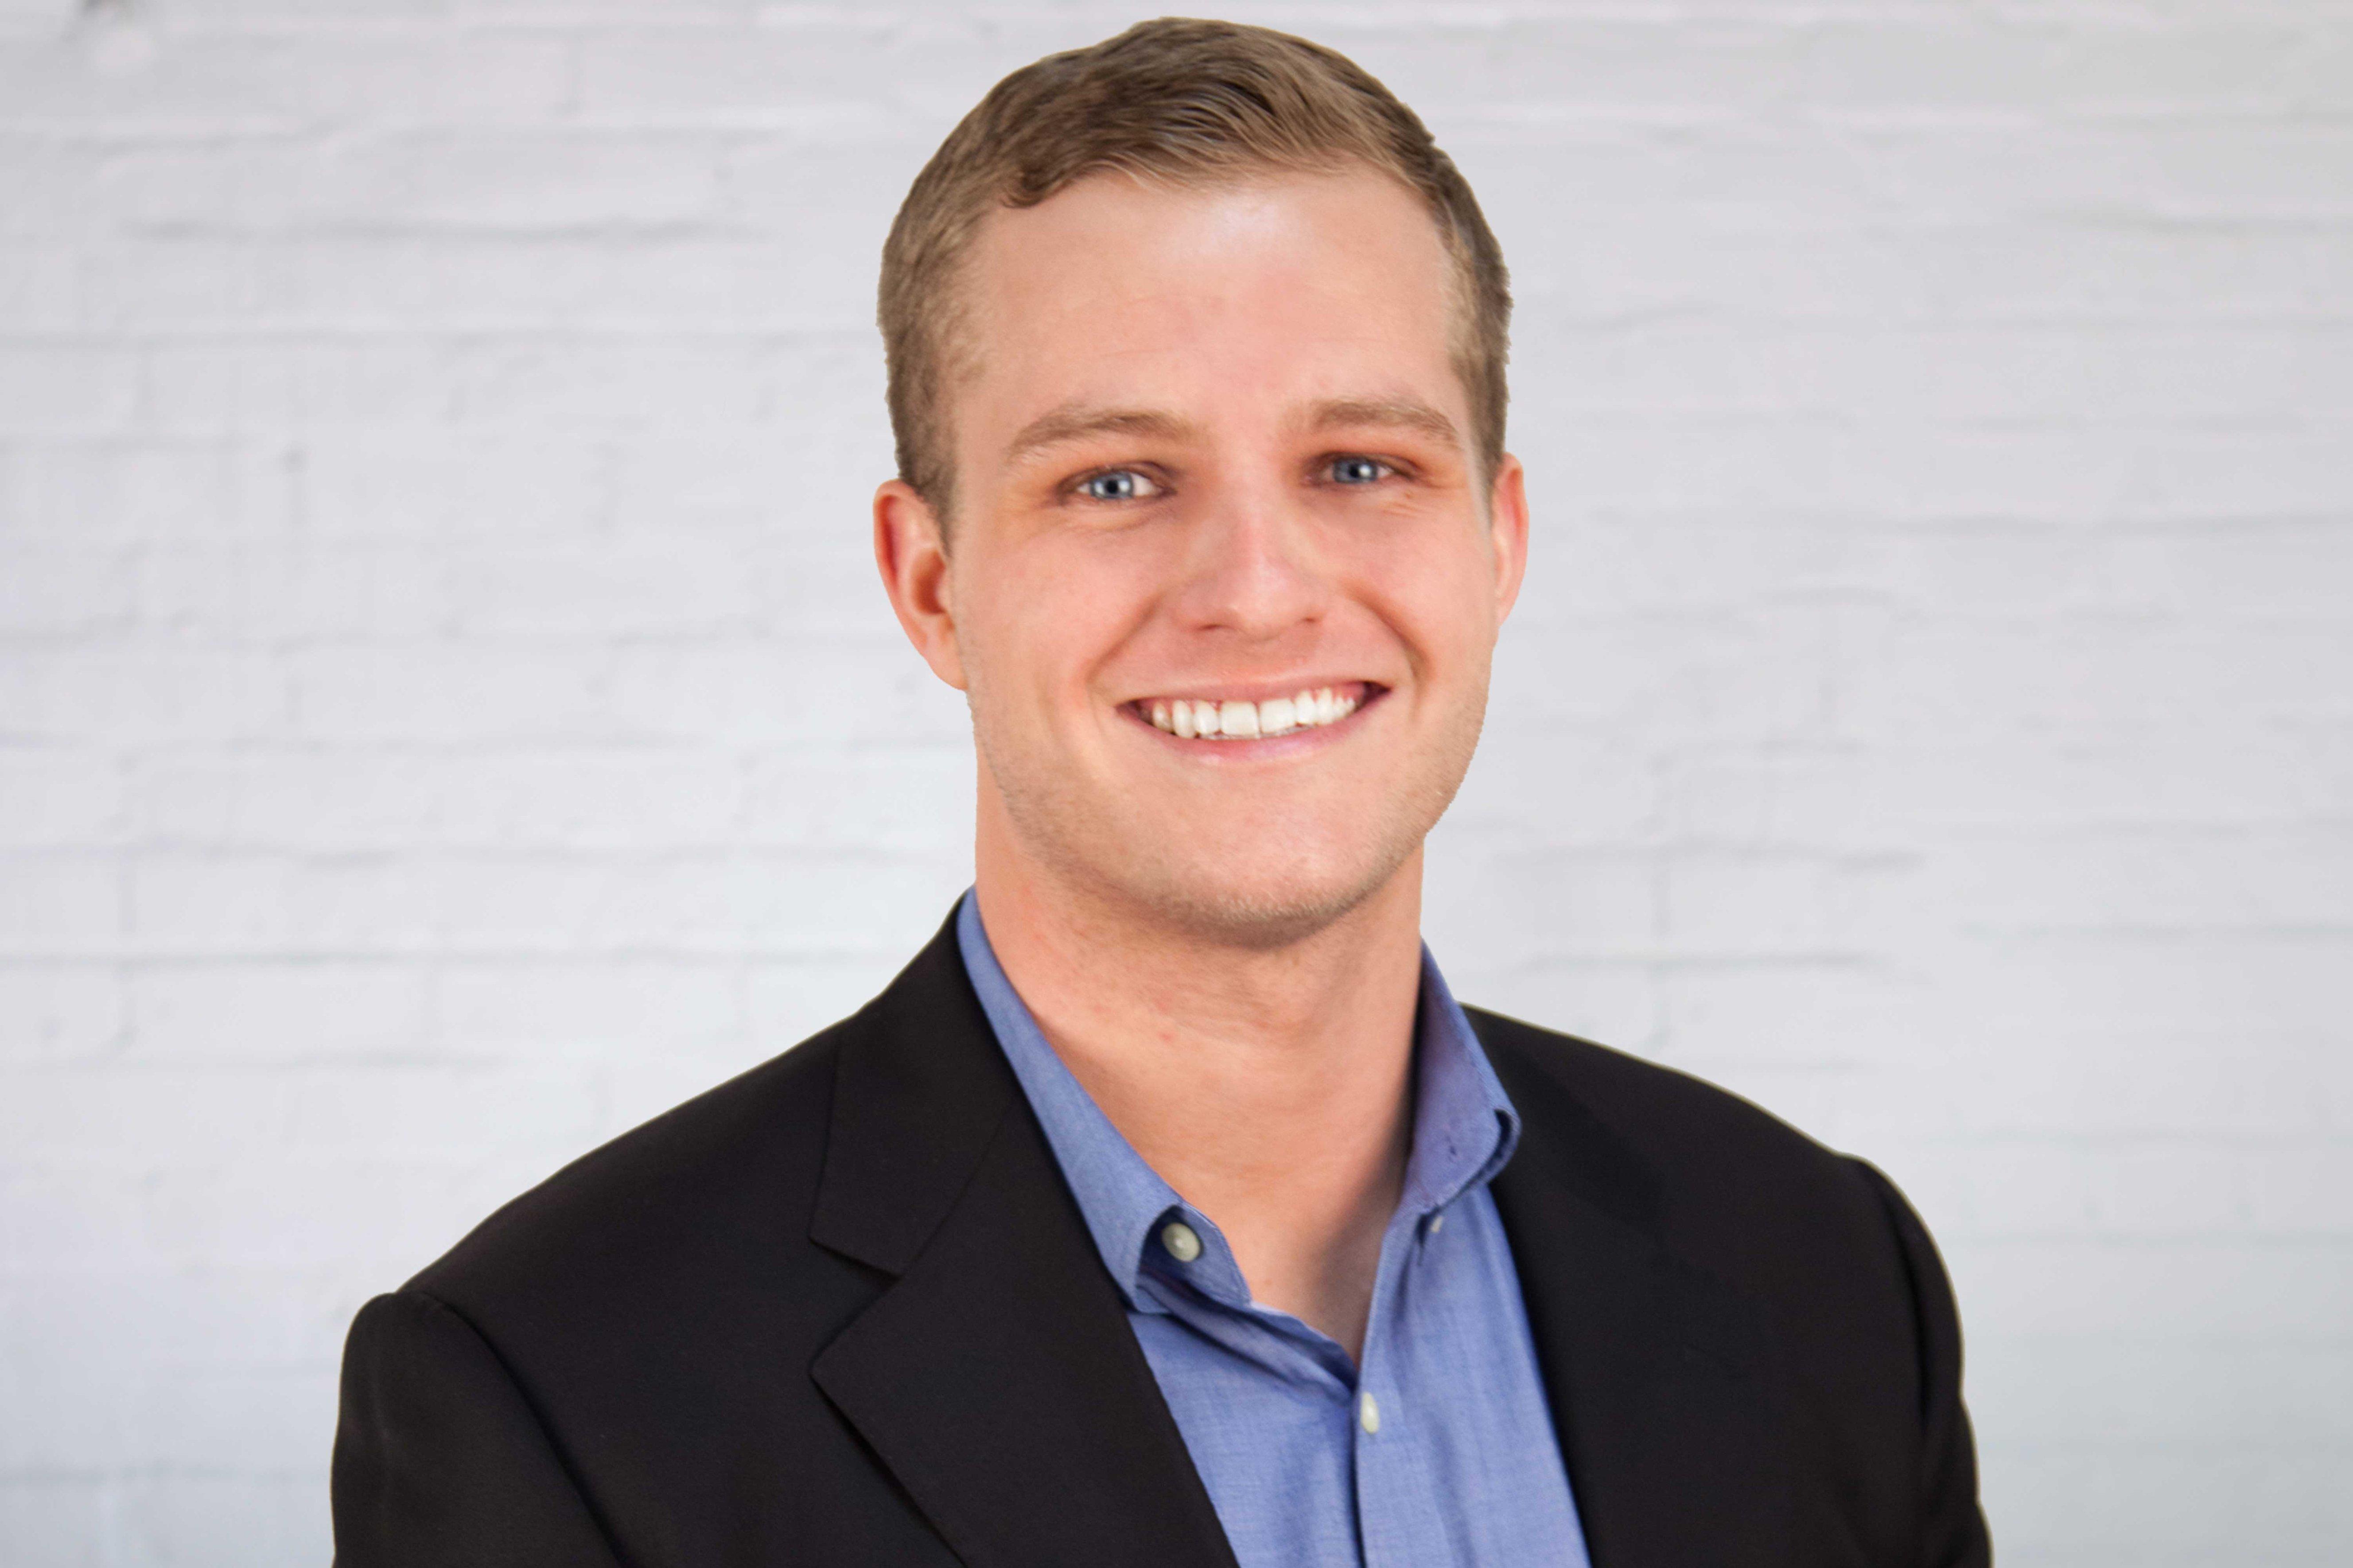 Zack Pennington